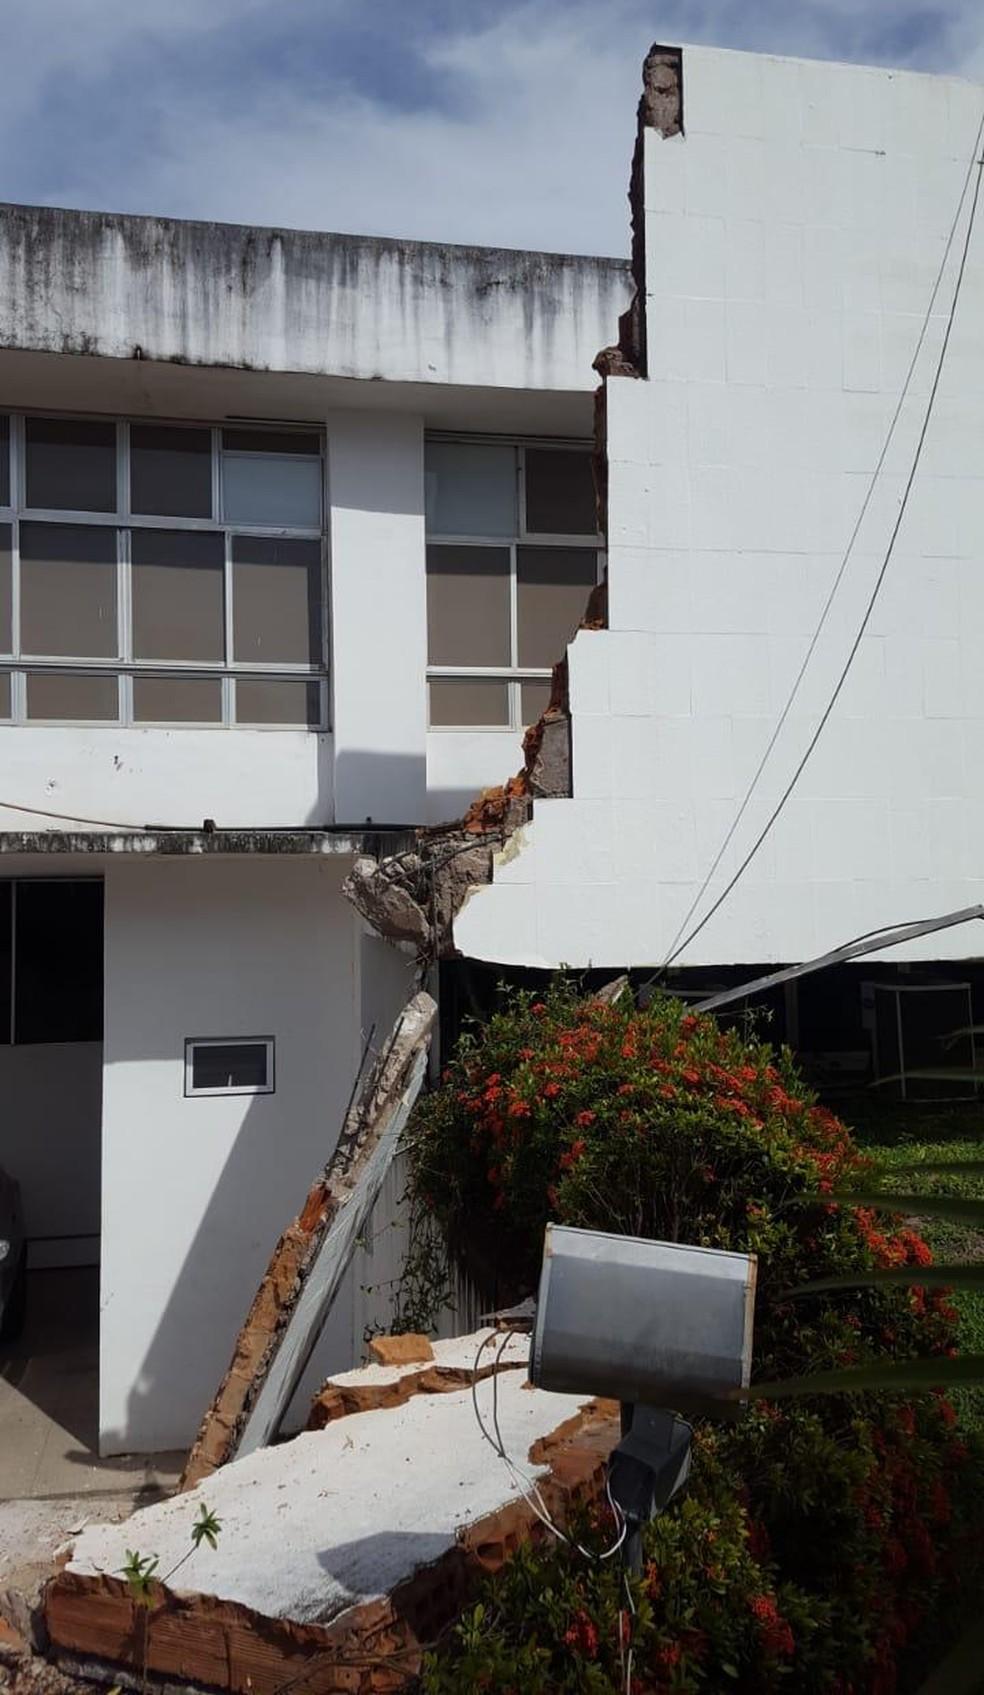 Fachada do prédio da Secretaria de Estado da Saúde (SES) desaba em São Luís. — Foto: Divulgação/Redes Sociais